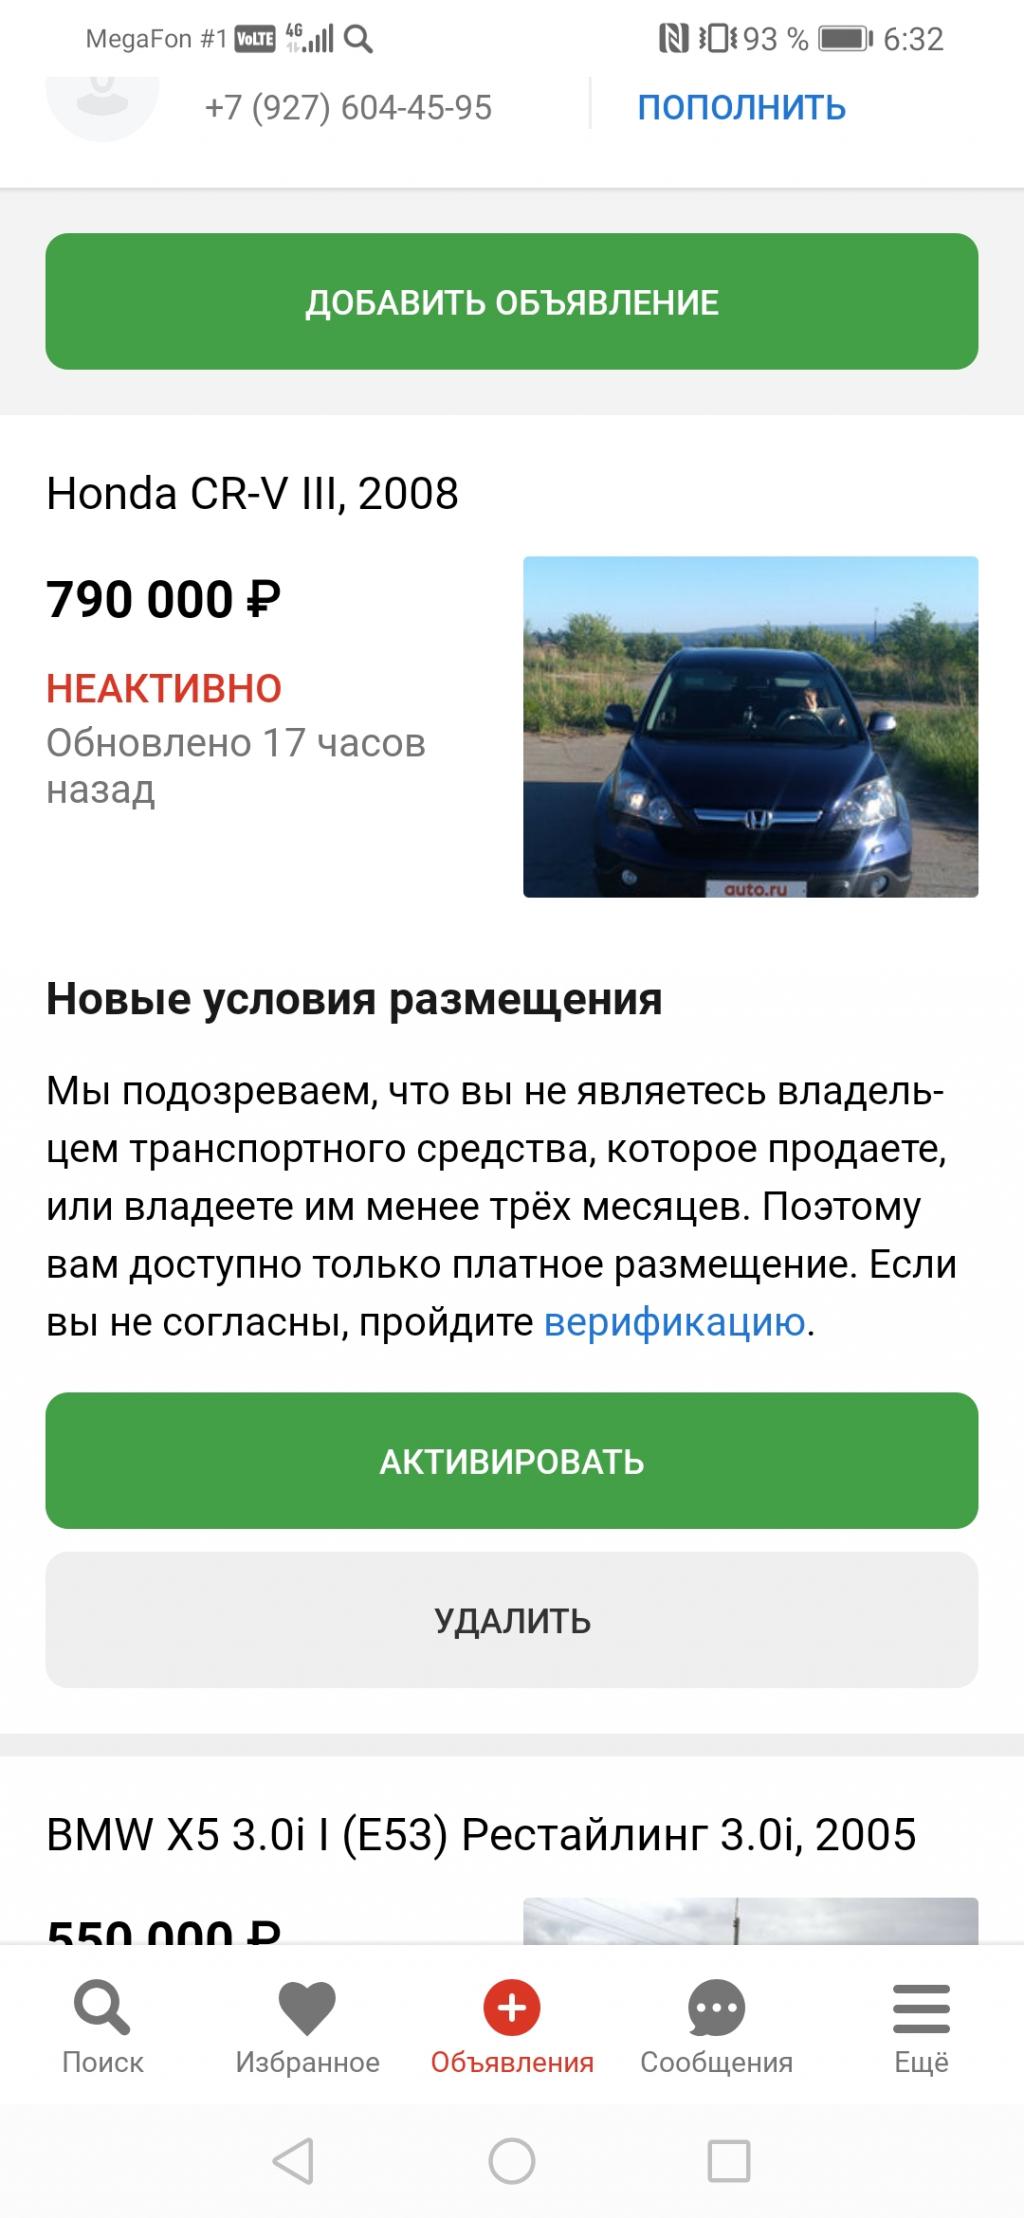 Авто ру - Собирают оплату по мошеннический схеме